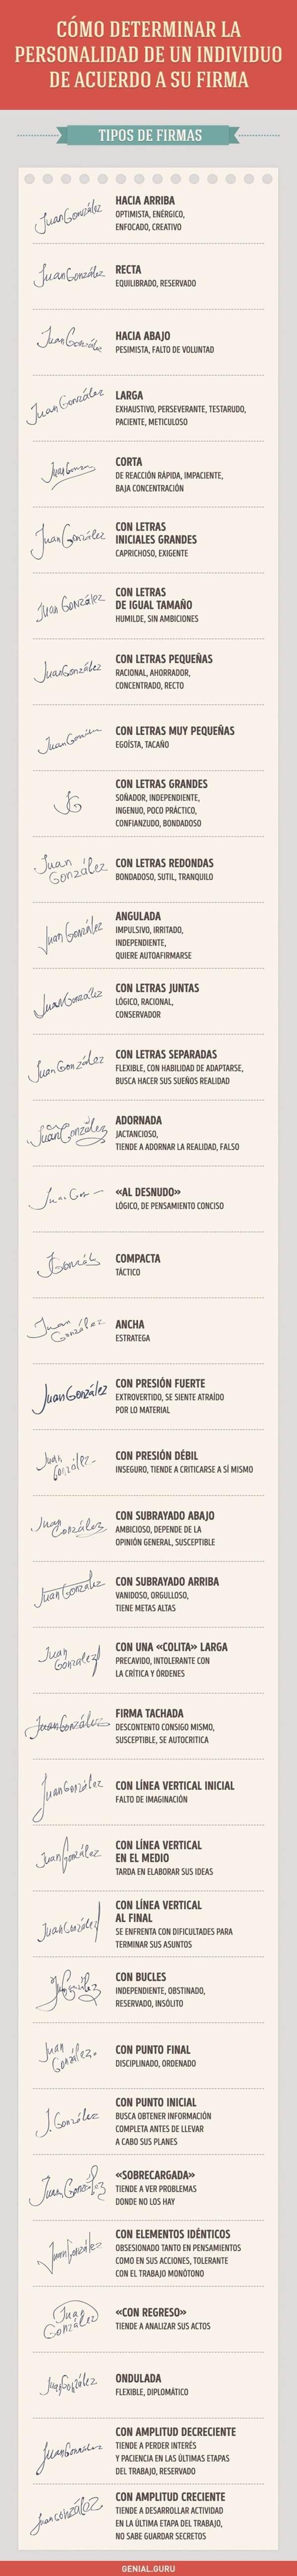 grafología y tipos de firmas